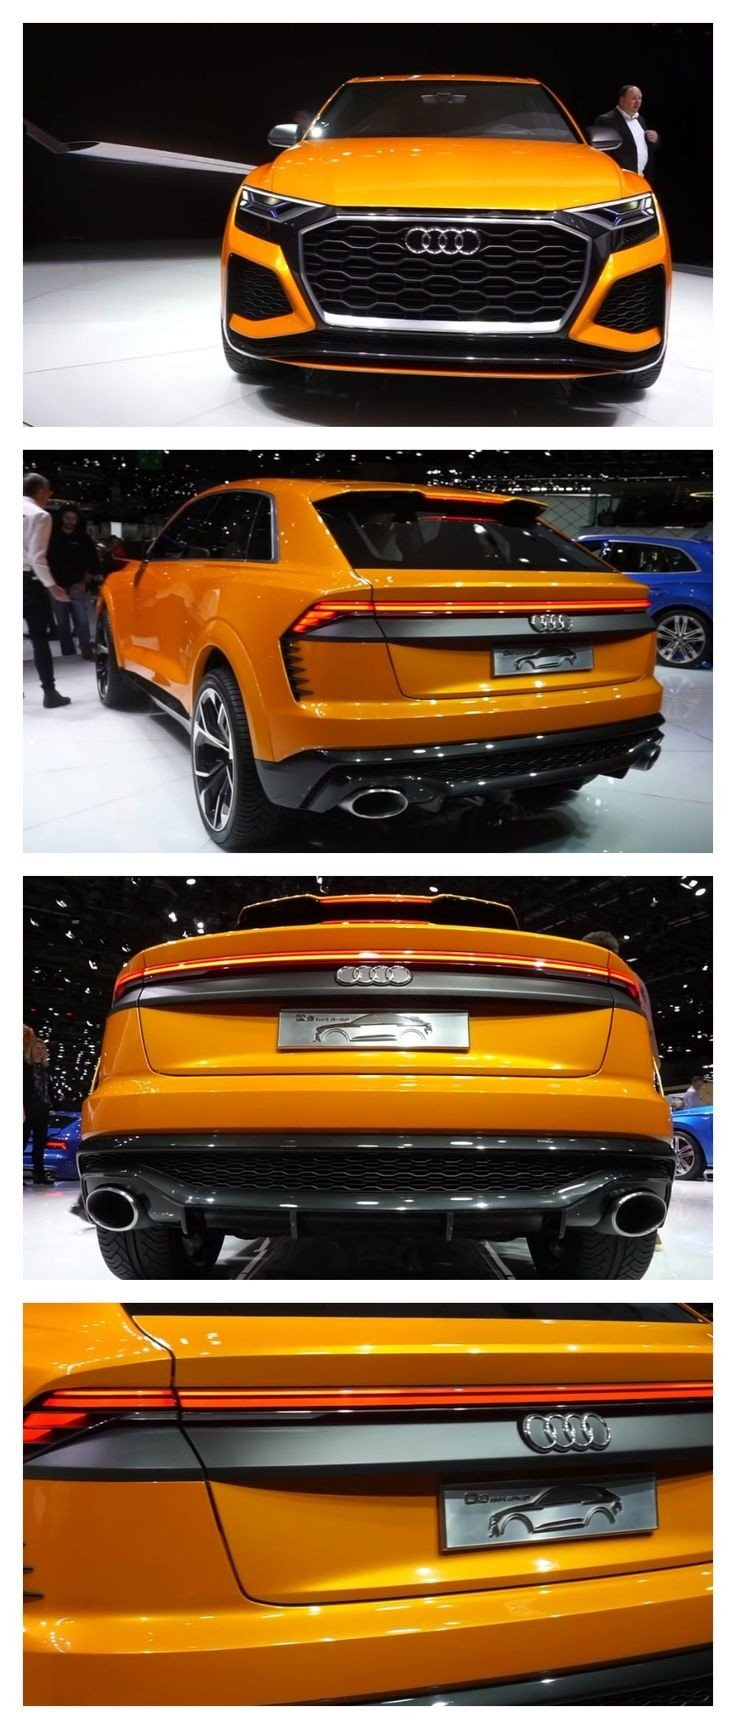 سيارة #Audi طراز Q7 المعدلة #سيارات